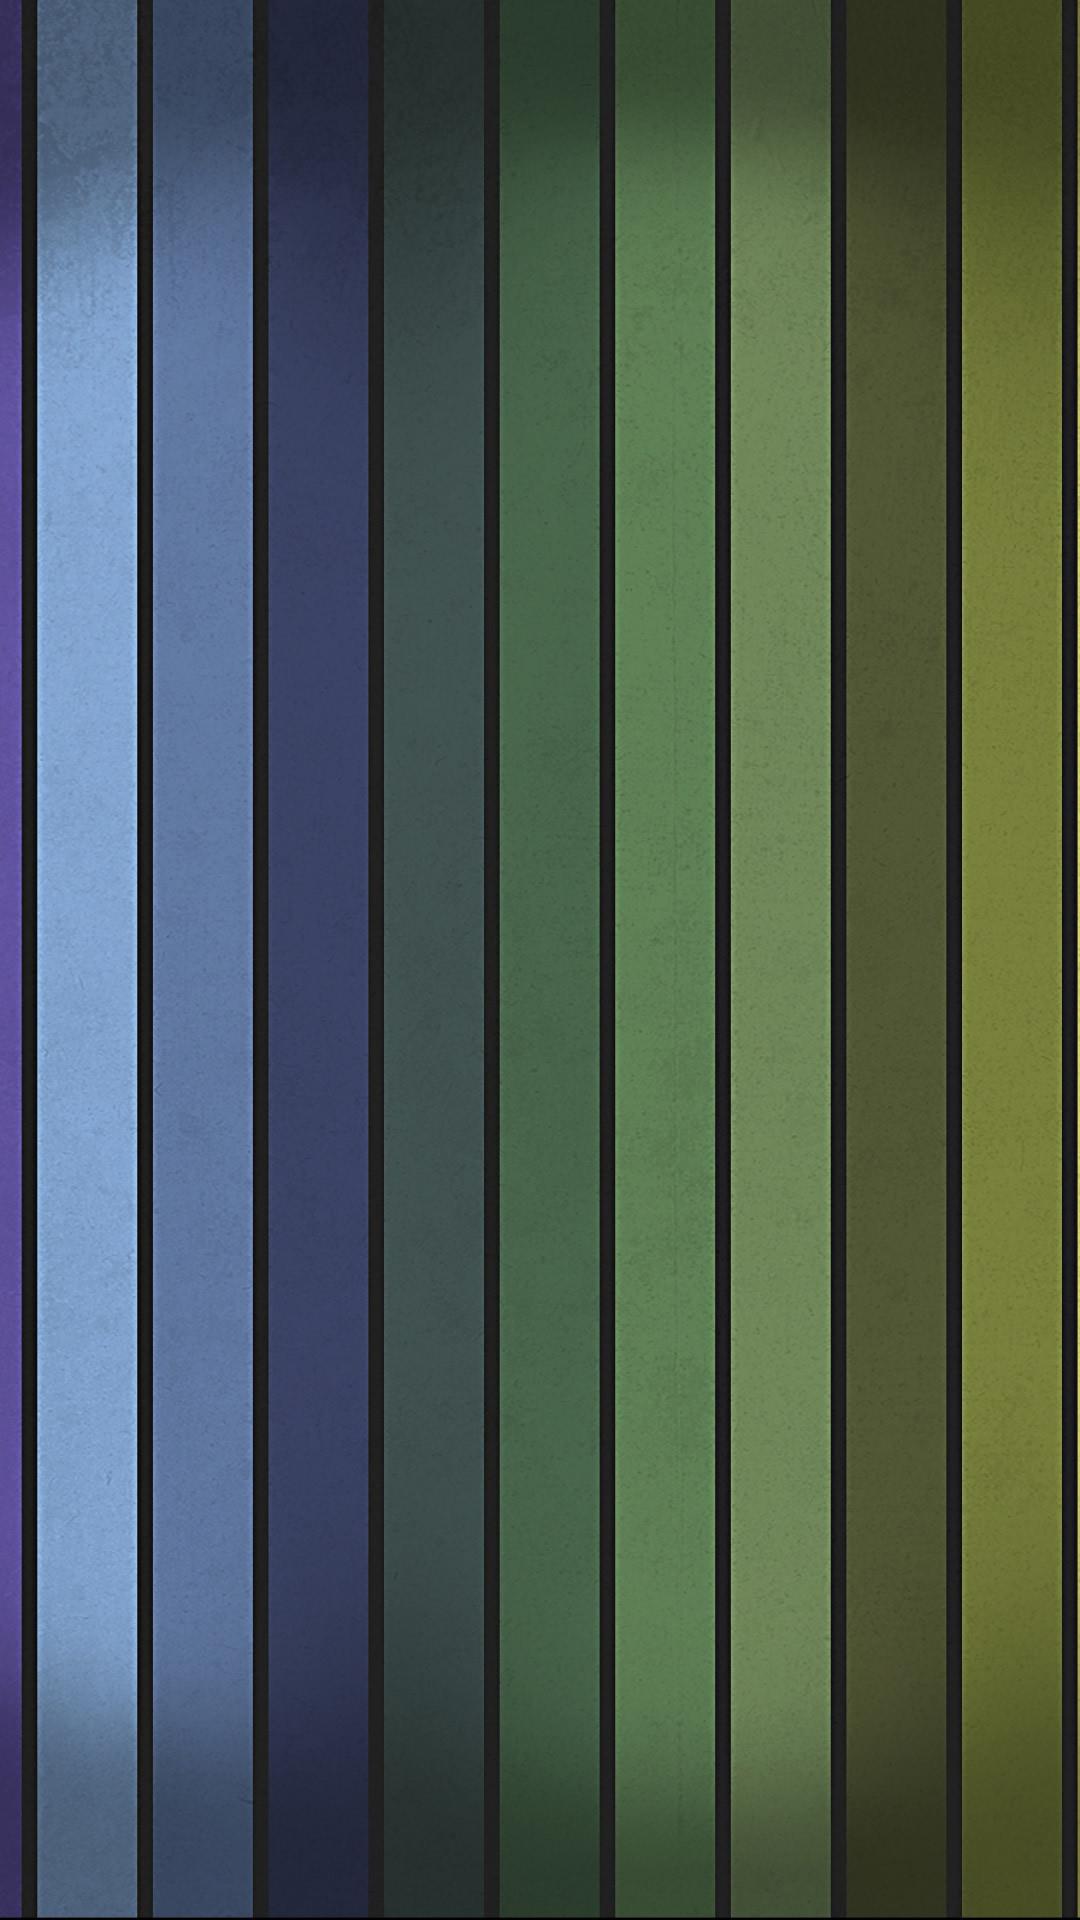 抽象的な色パターン壁紙